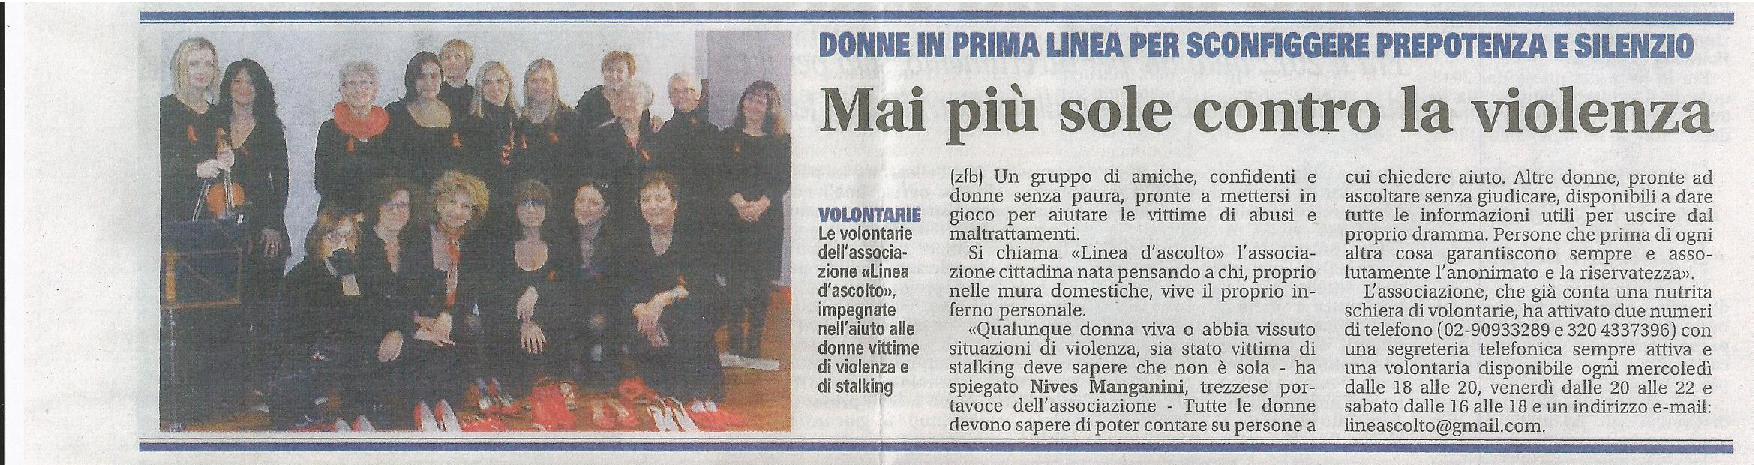 """Dalla """"Gazzetta della Martesana"""" 25 novembre 2013"""